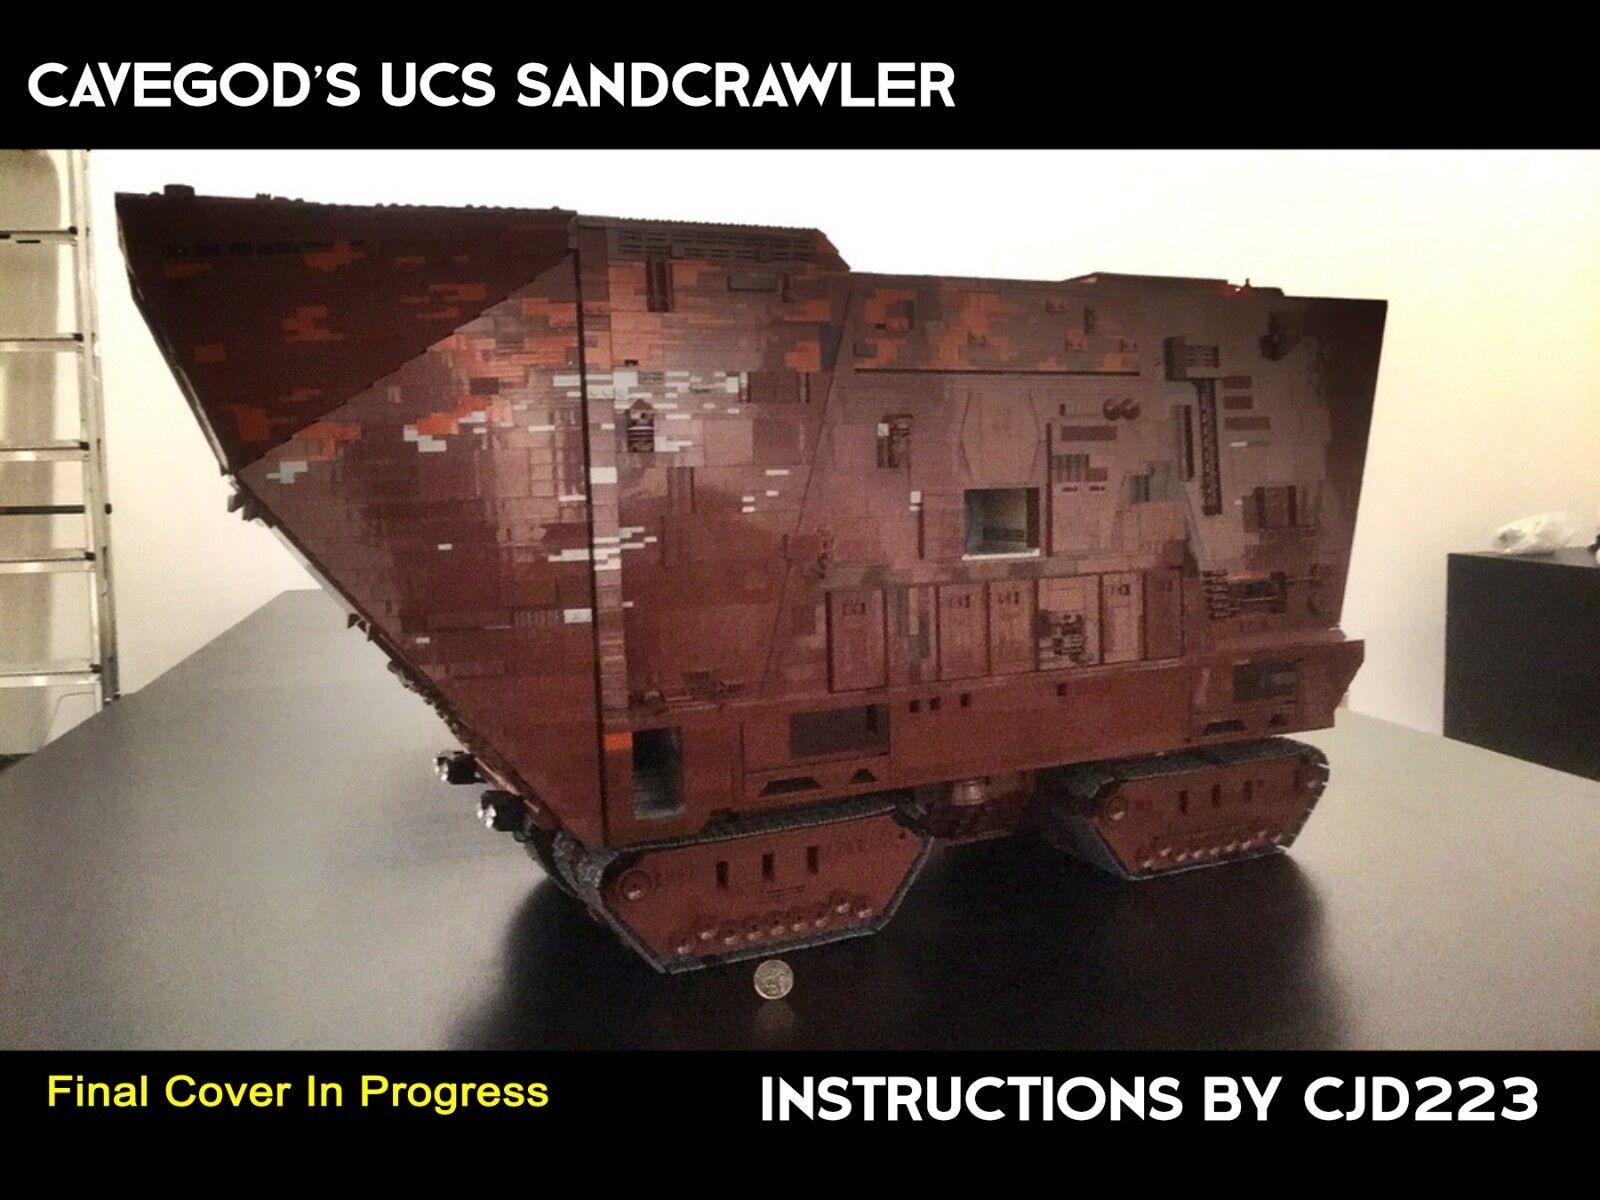 Lego CaveGott UCS Sandcrawler Instructions